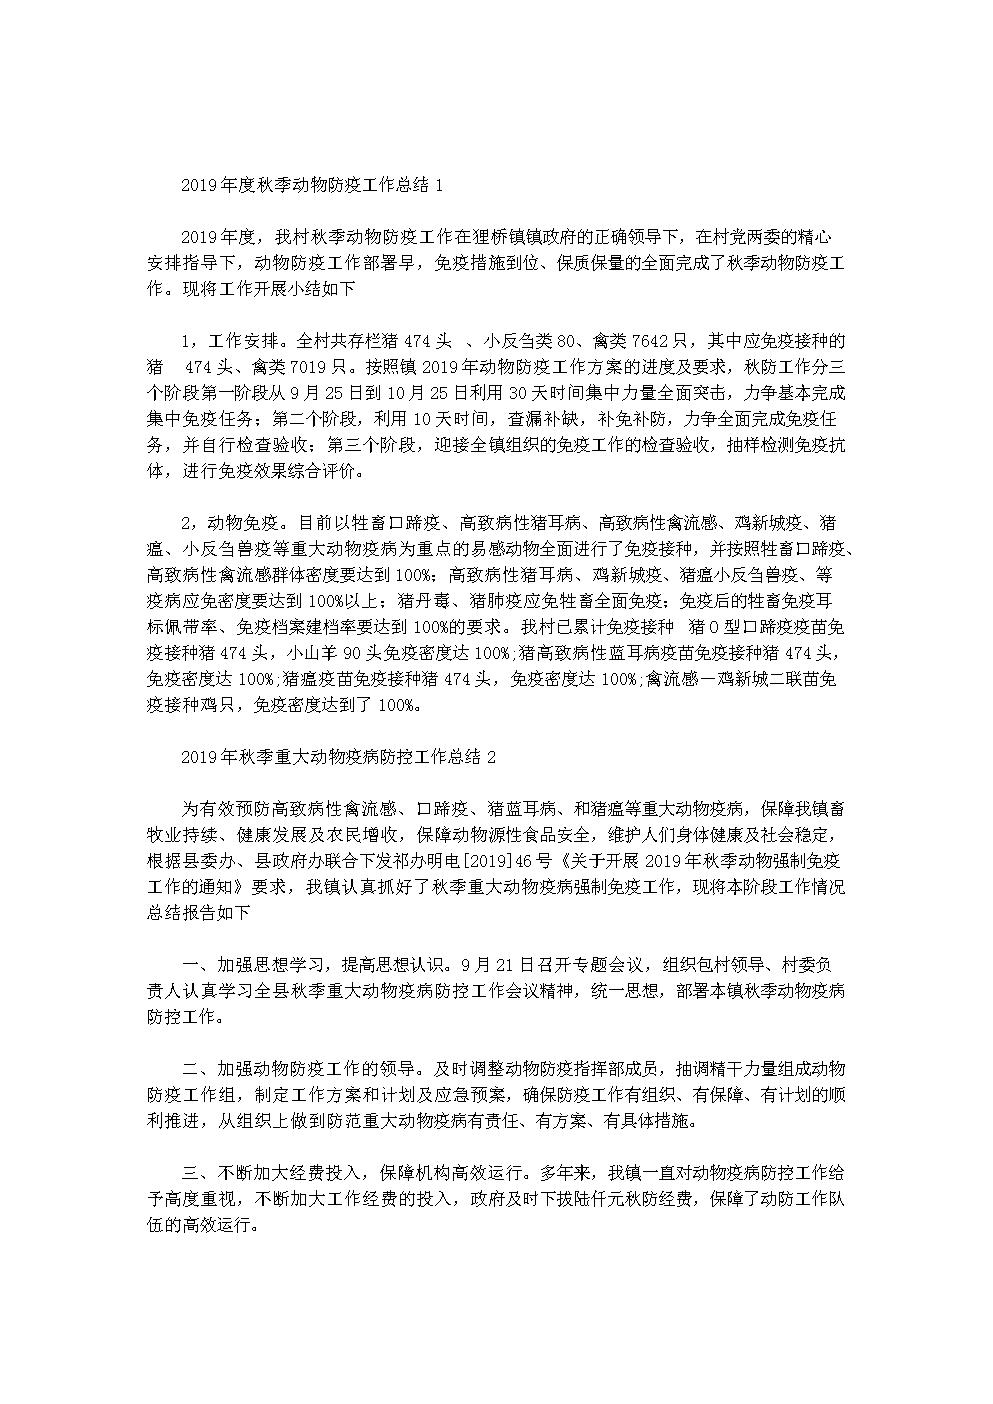 年度秋季动物防疫工作总结范文.doc